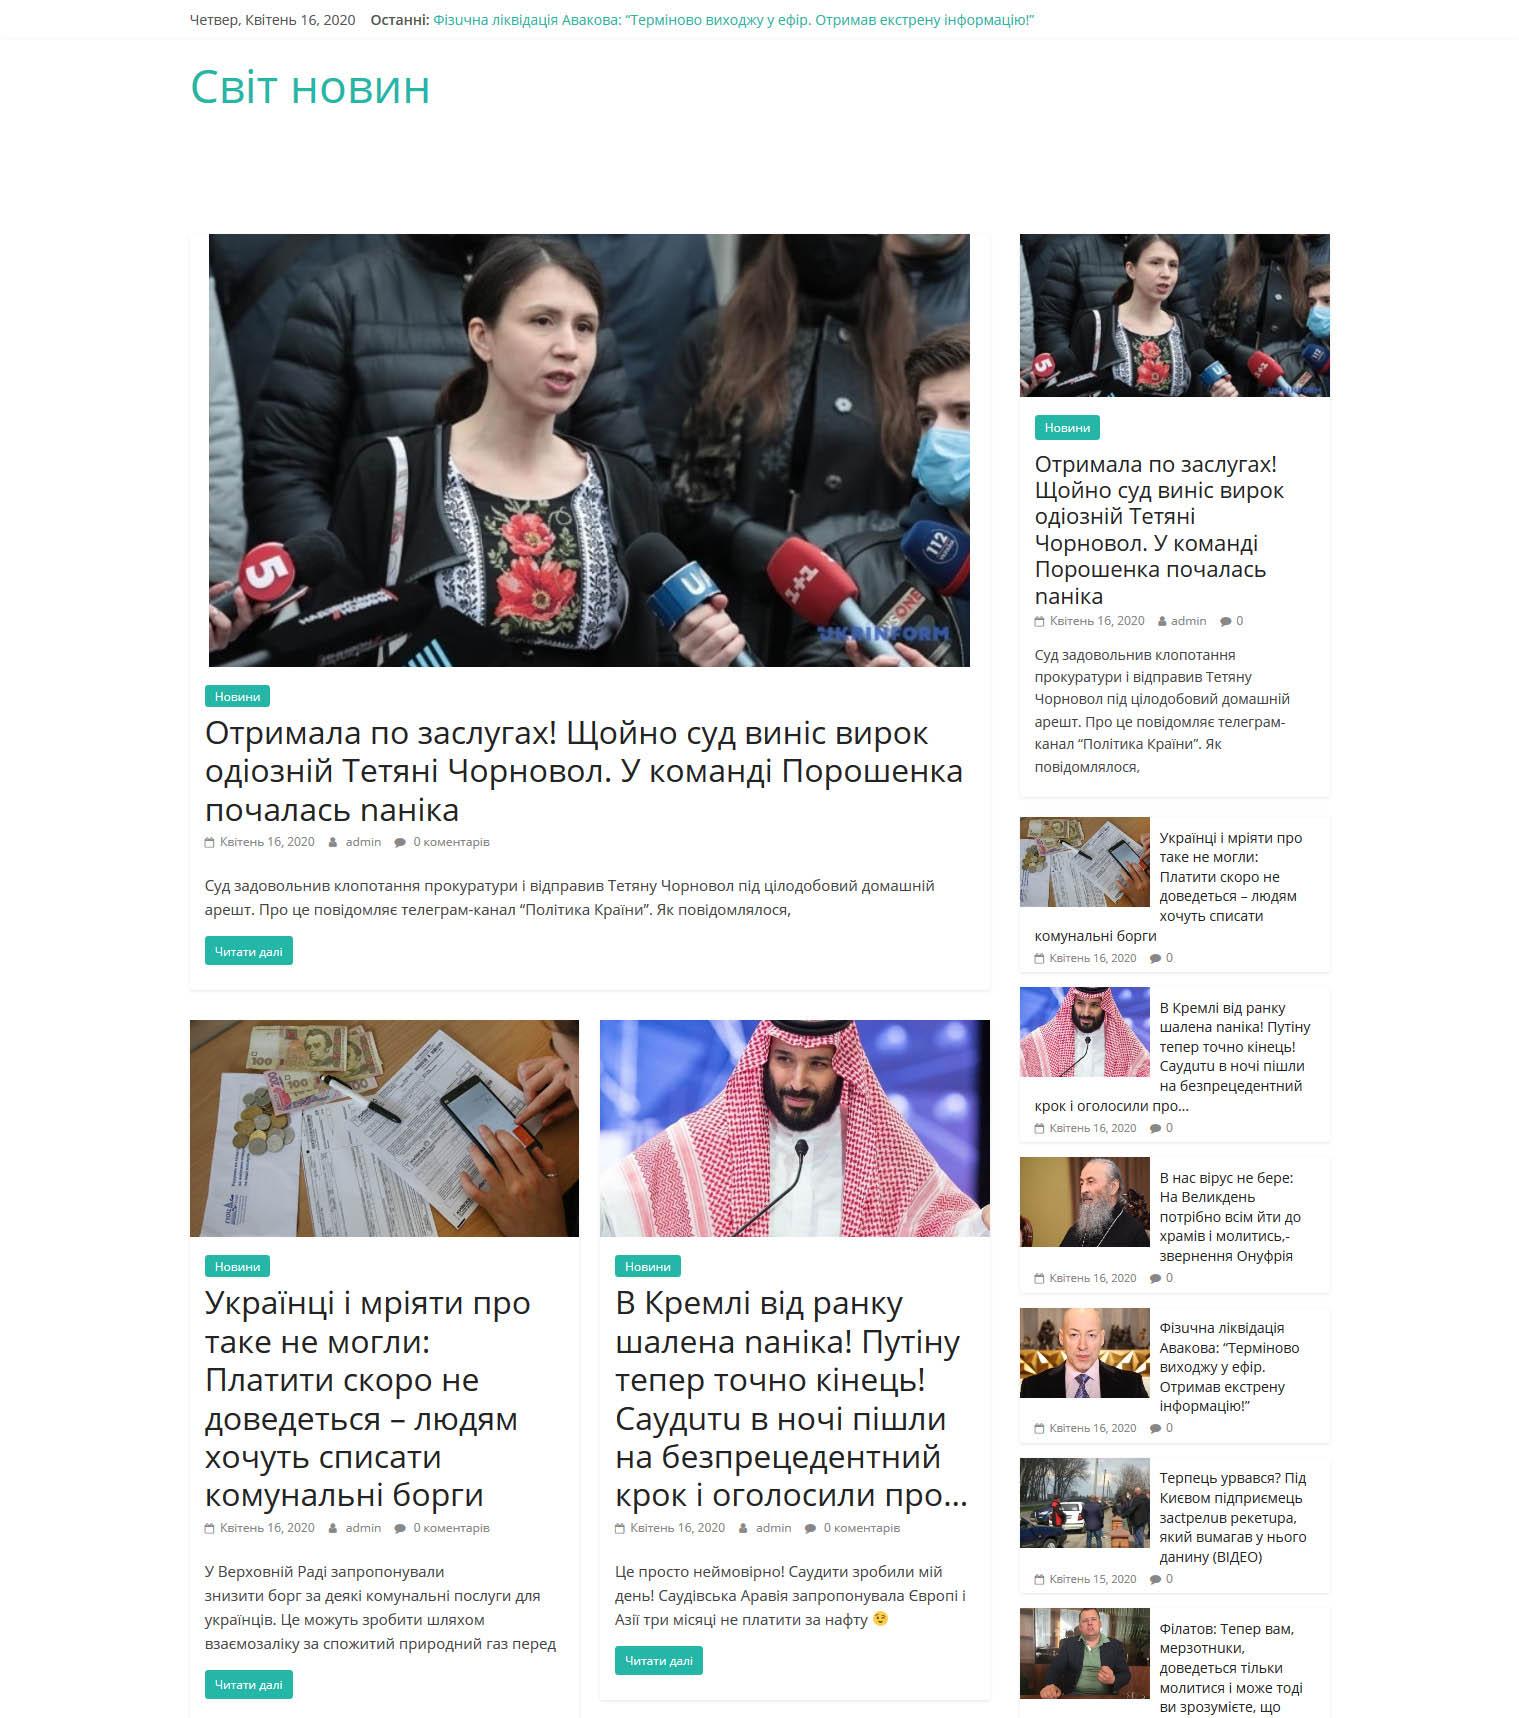 Світ новин - фейковий сайт